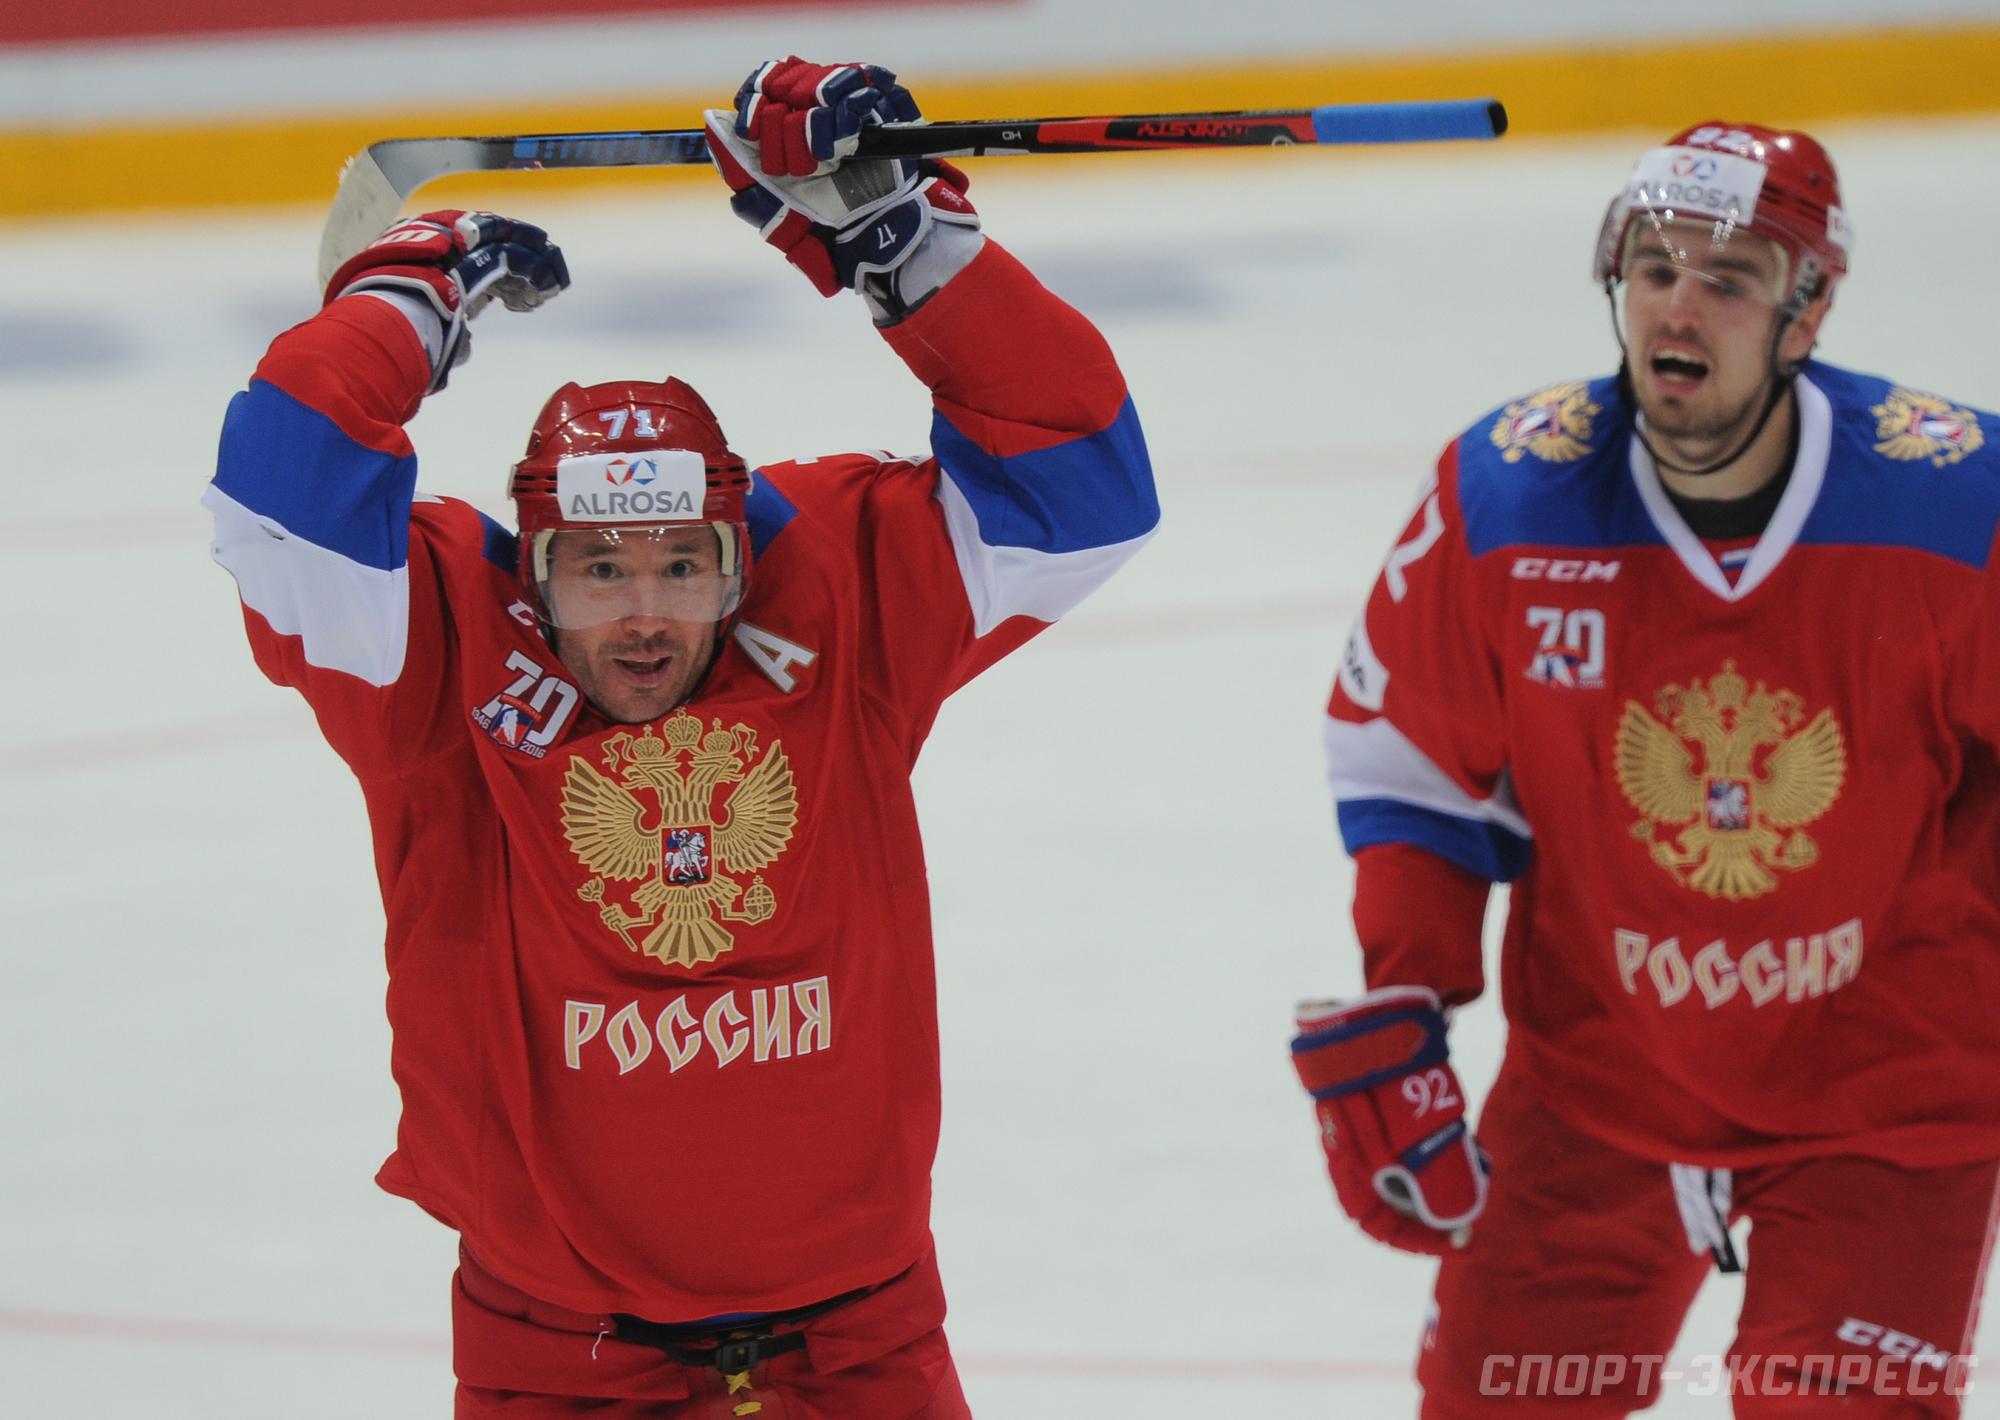 Вячеслав Войнов официально пропустит Кубок мира